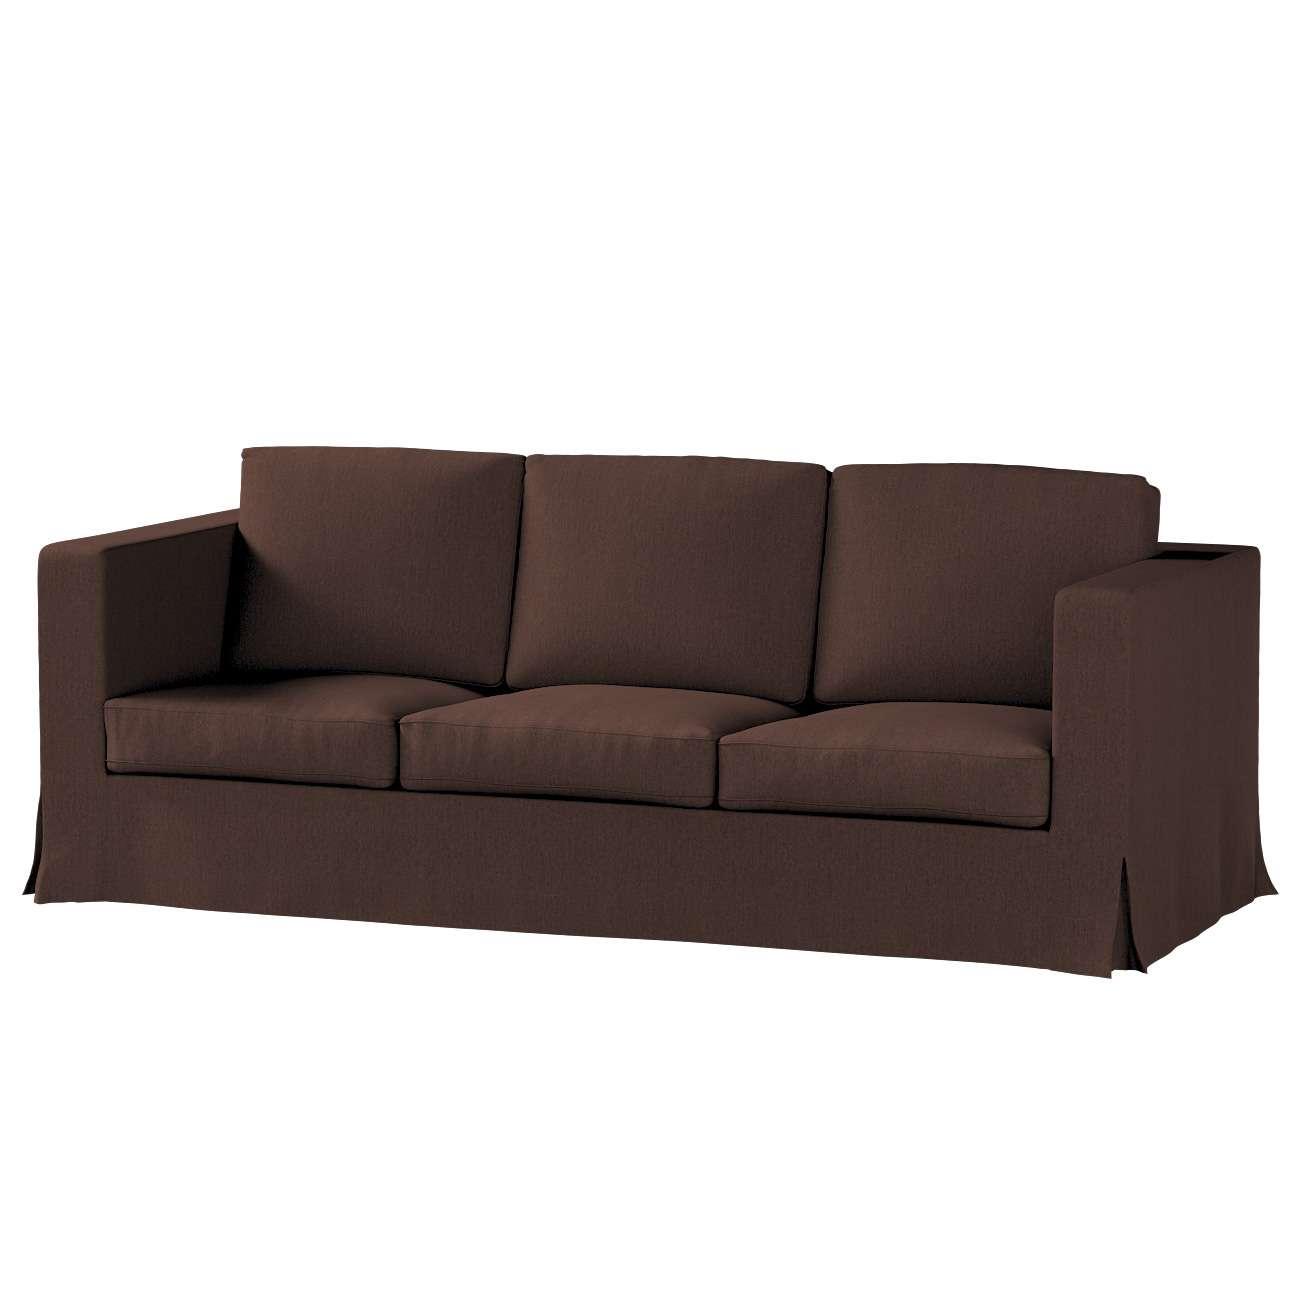 Pokrowiec na sofę Karlanda 3-osobową nierozkładaną, długi Sofa Karlanda 3-os w kolekcji Chenille, tkanina: 702-18